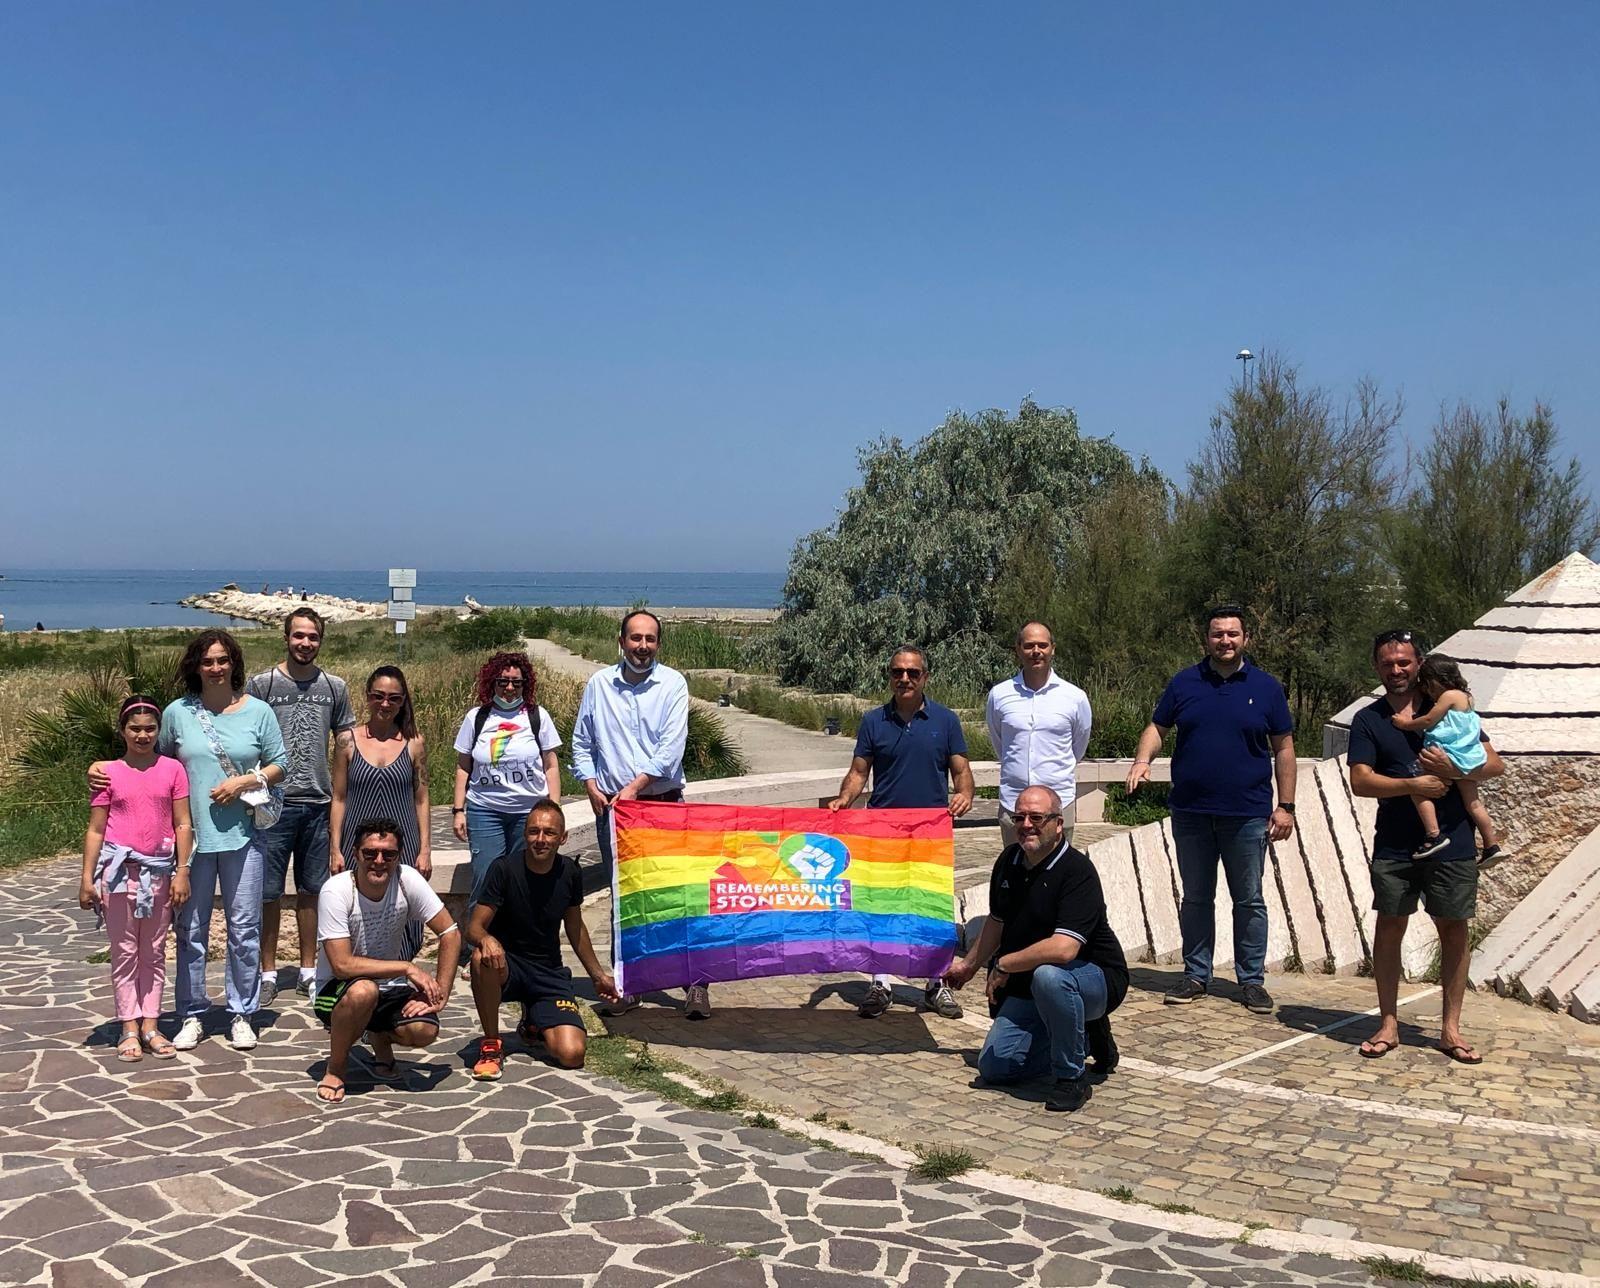 persone con bandiera arcobaleno